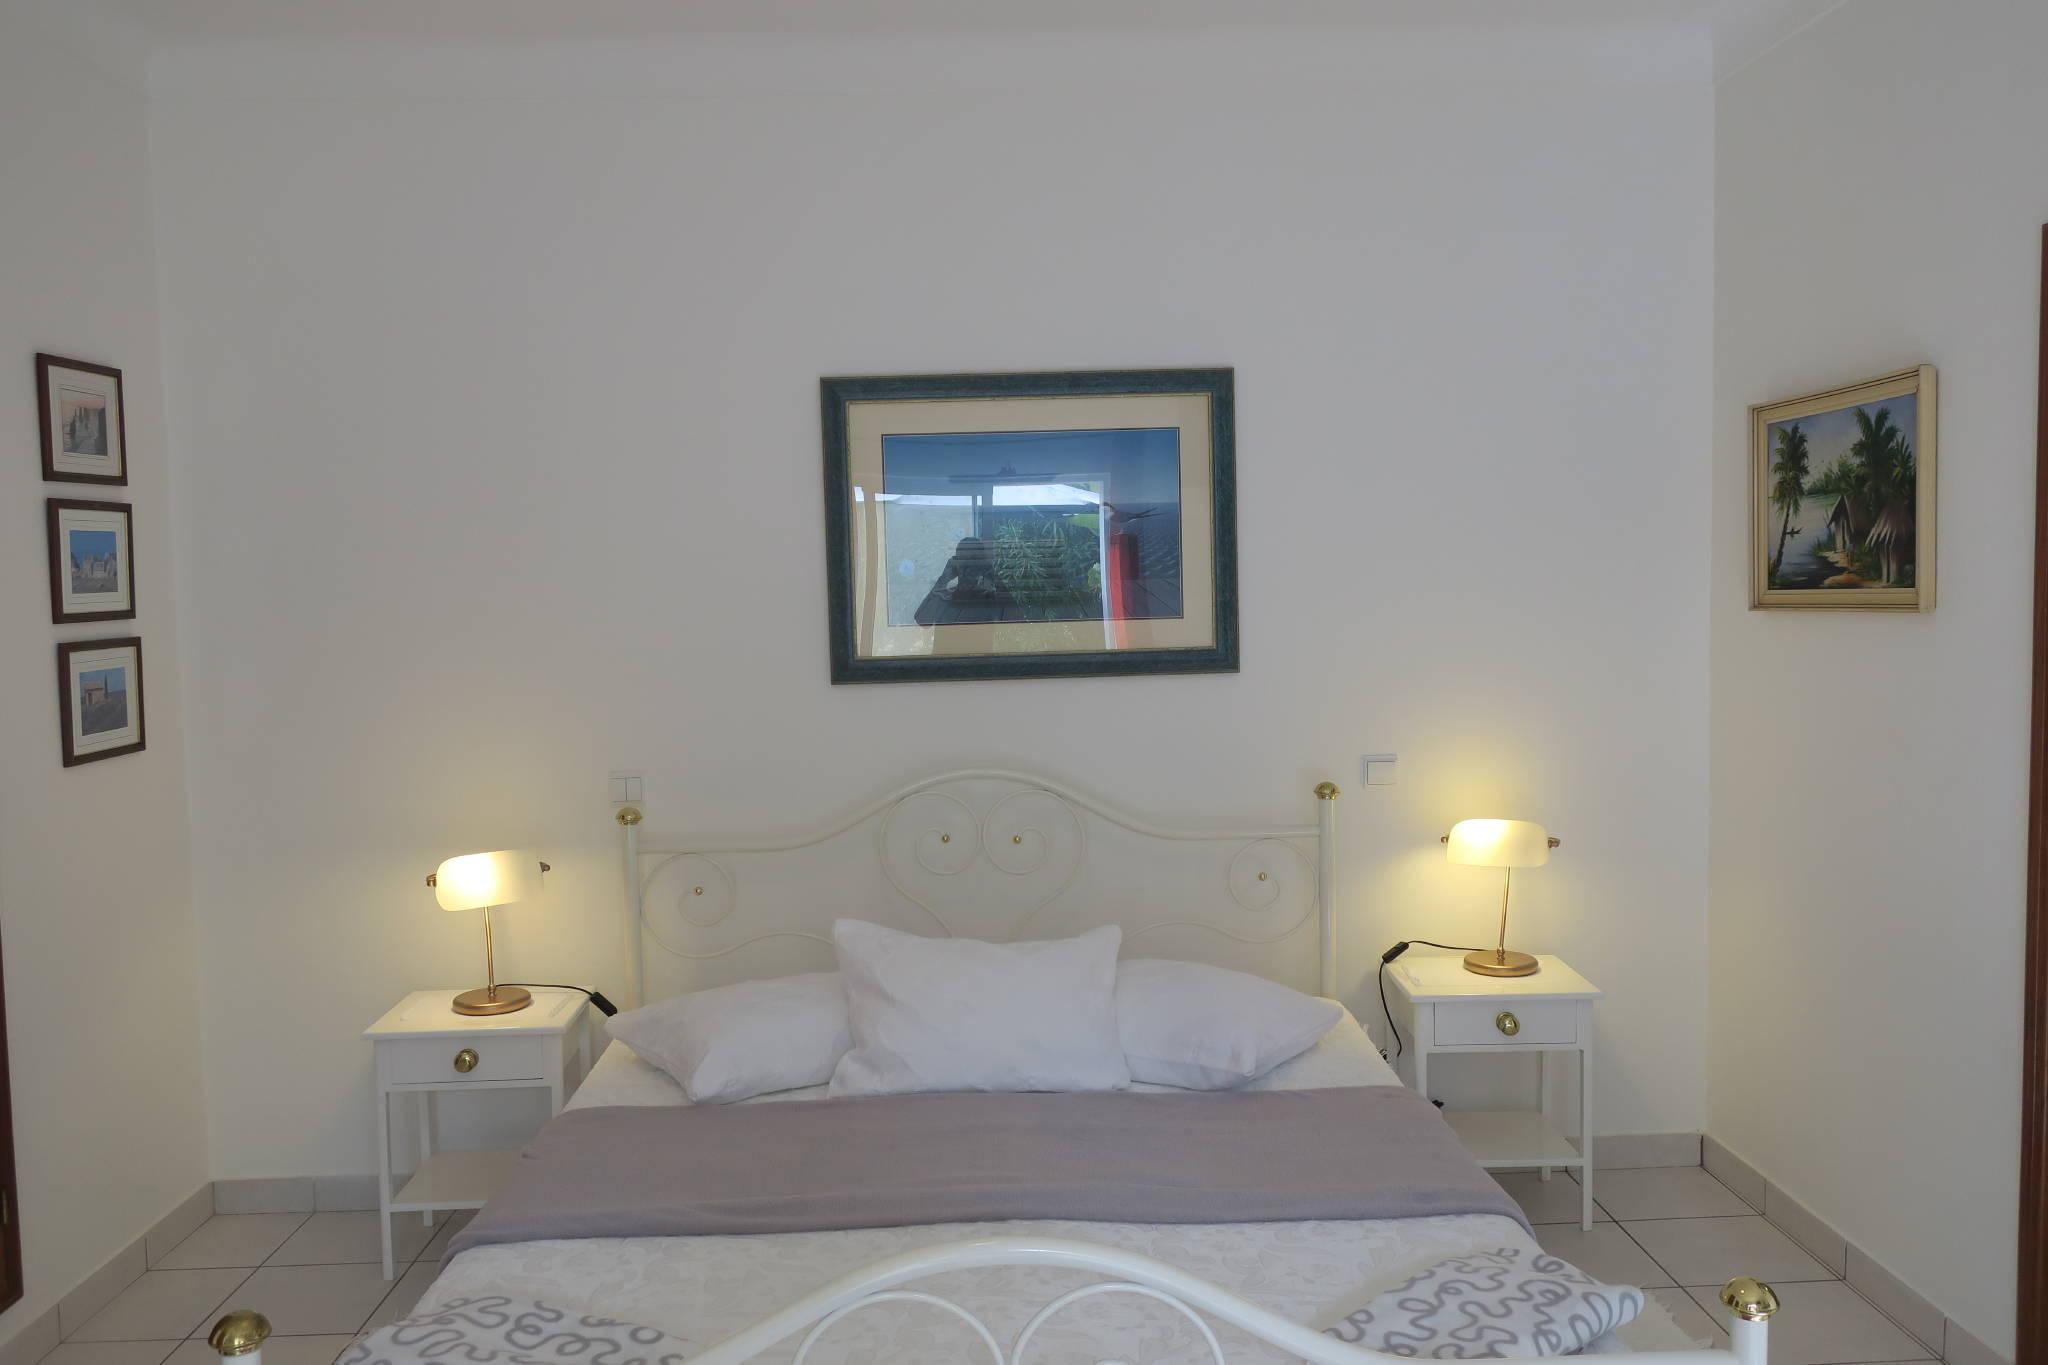 schönes Doppelbett 1,60m x 2 m